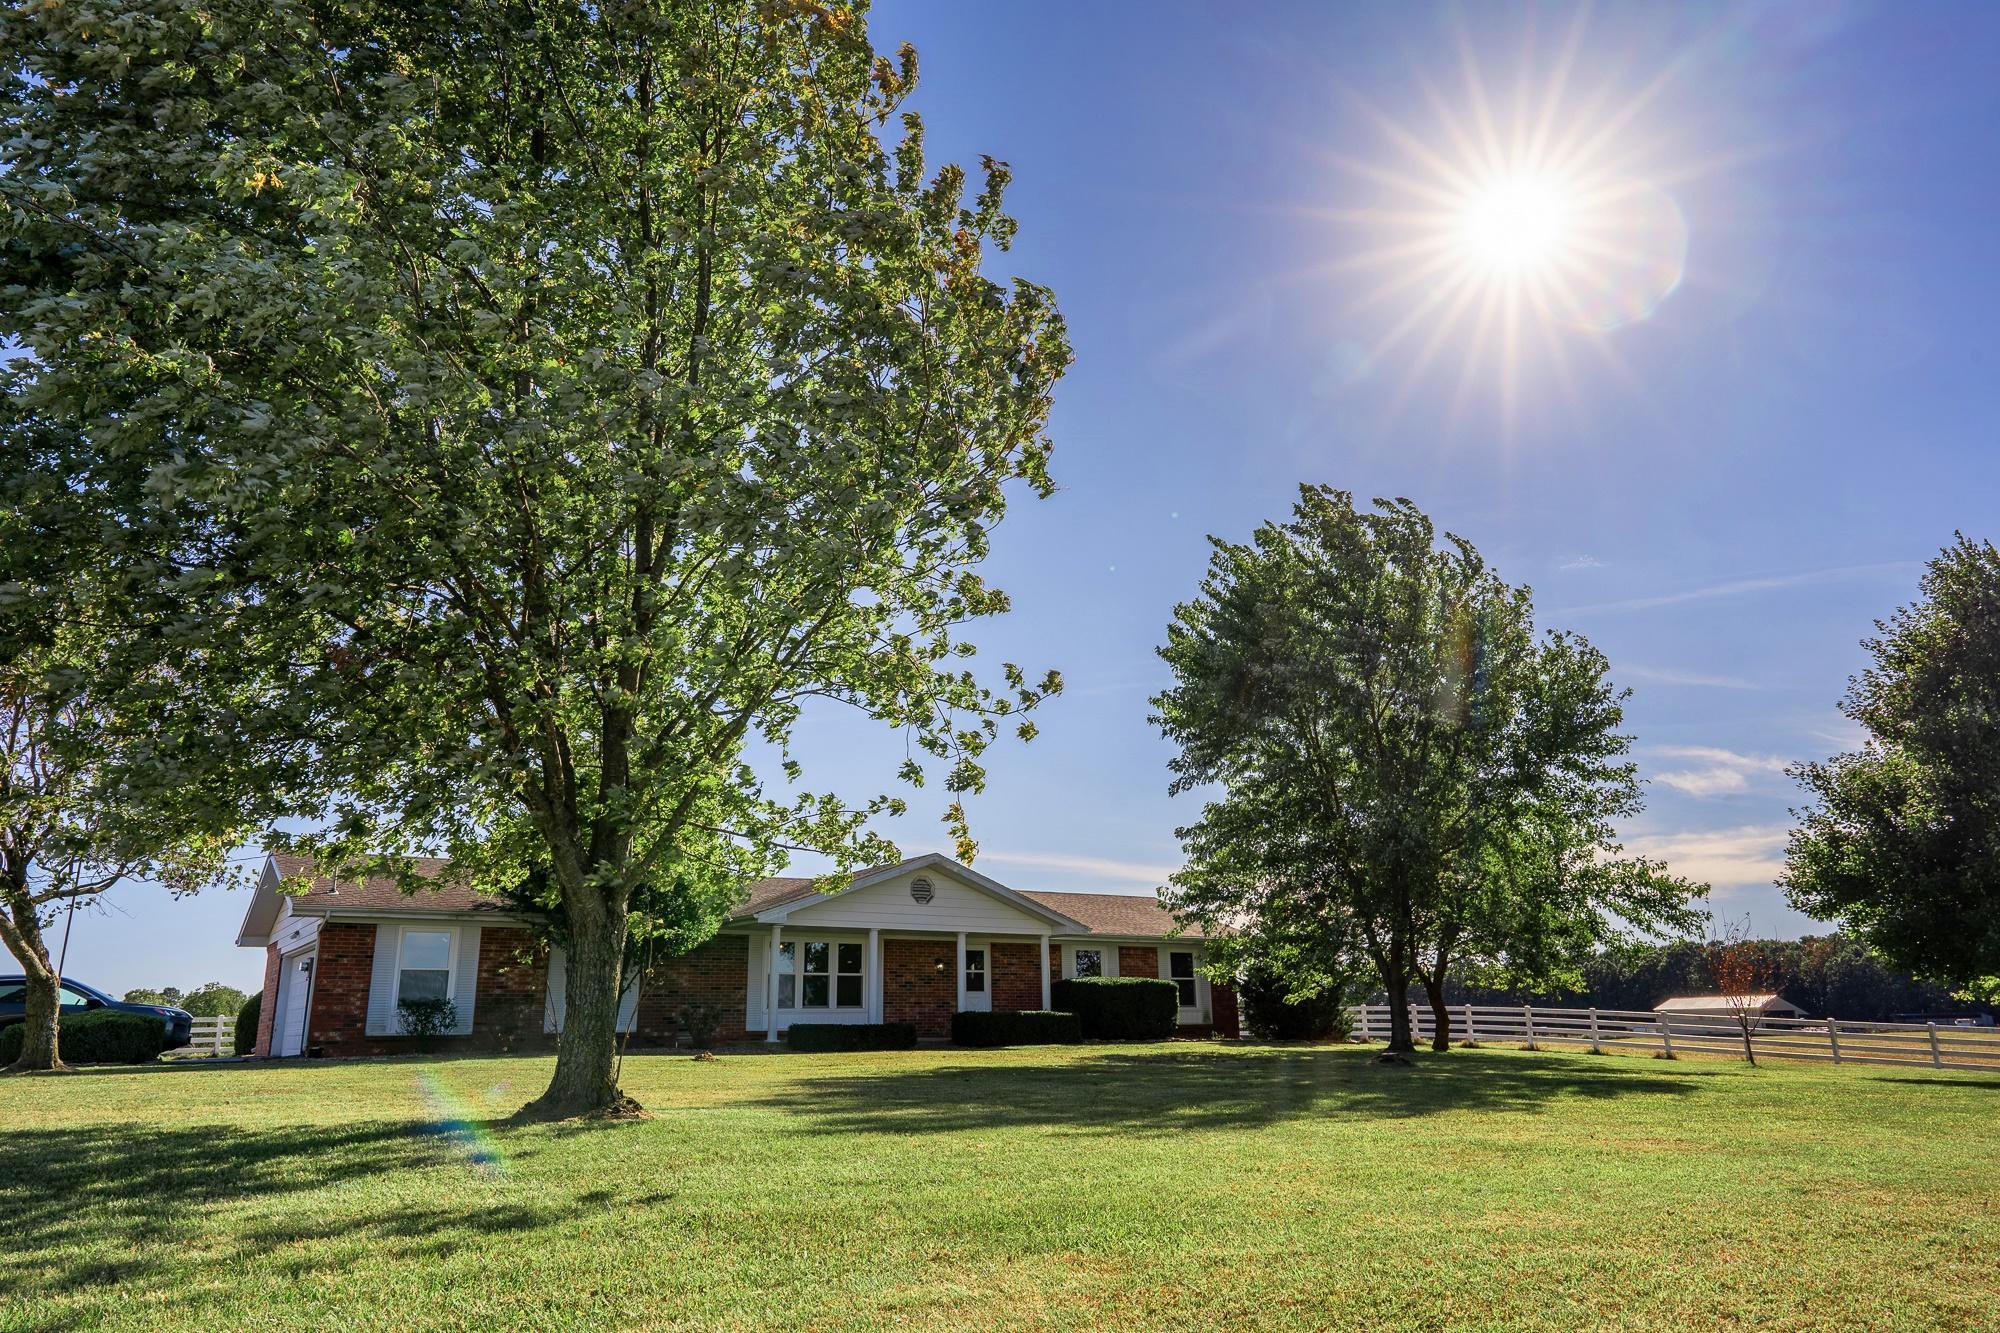 8750 West Farm Rd 112 Willard, MO 65781